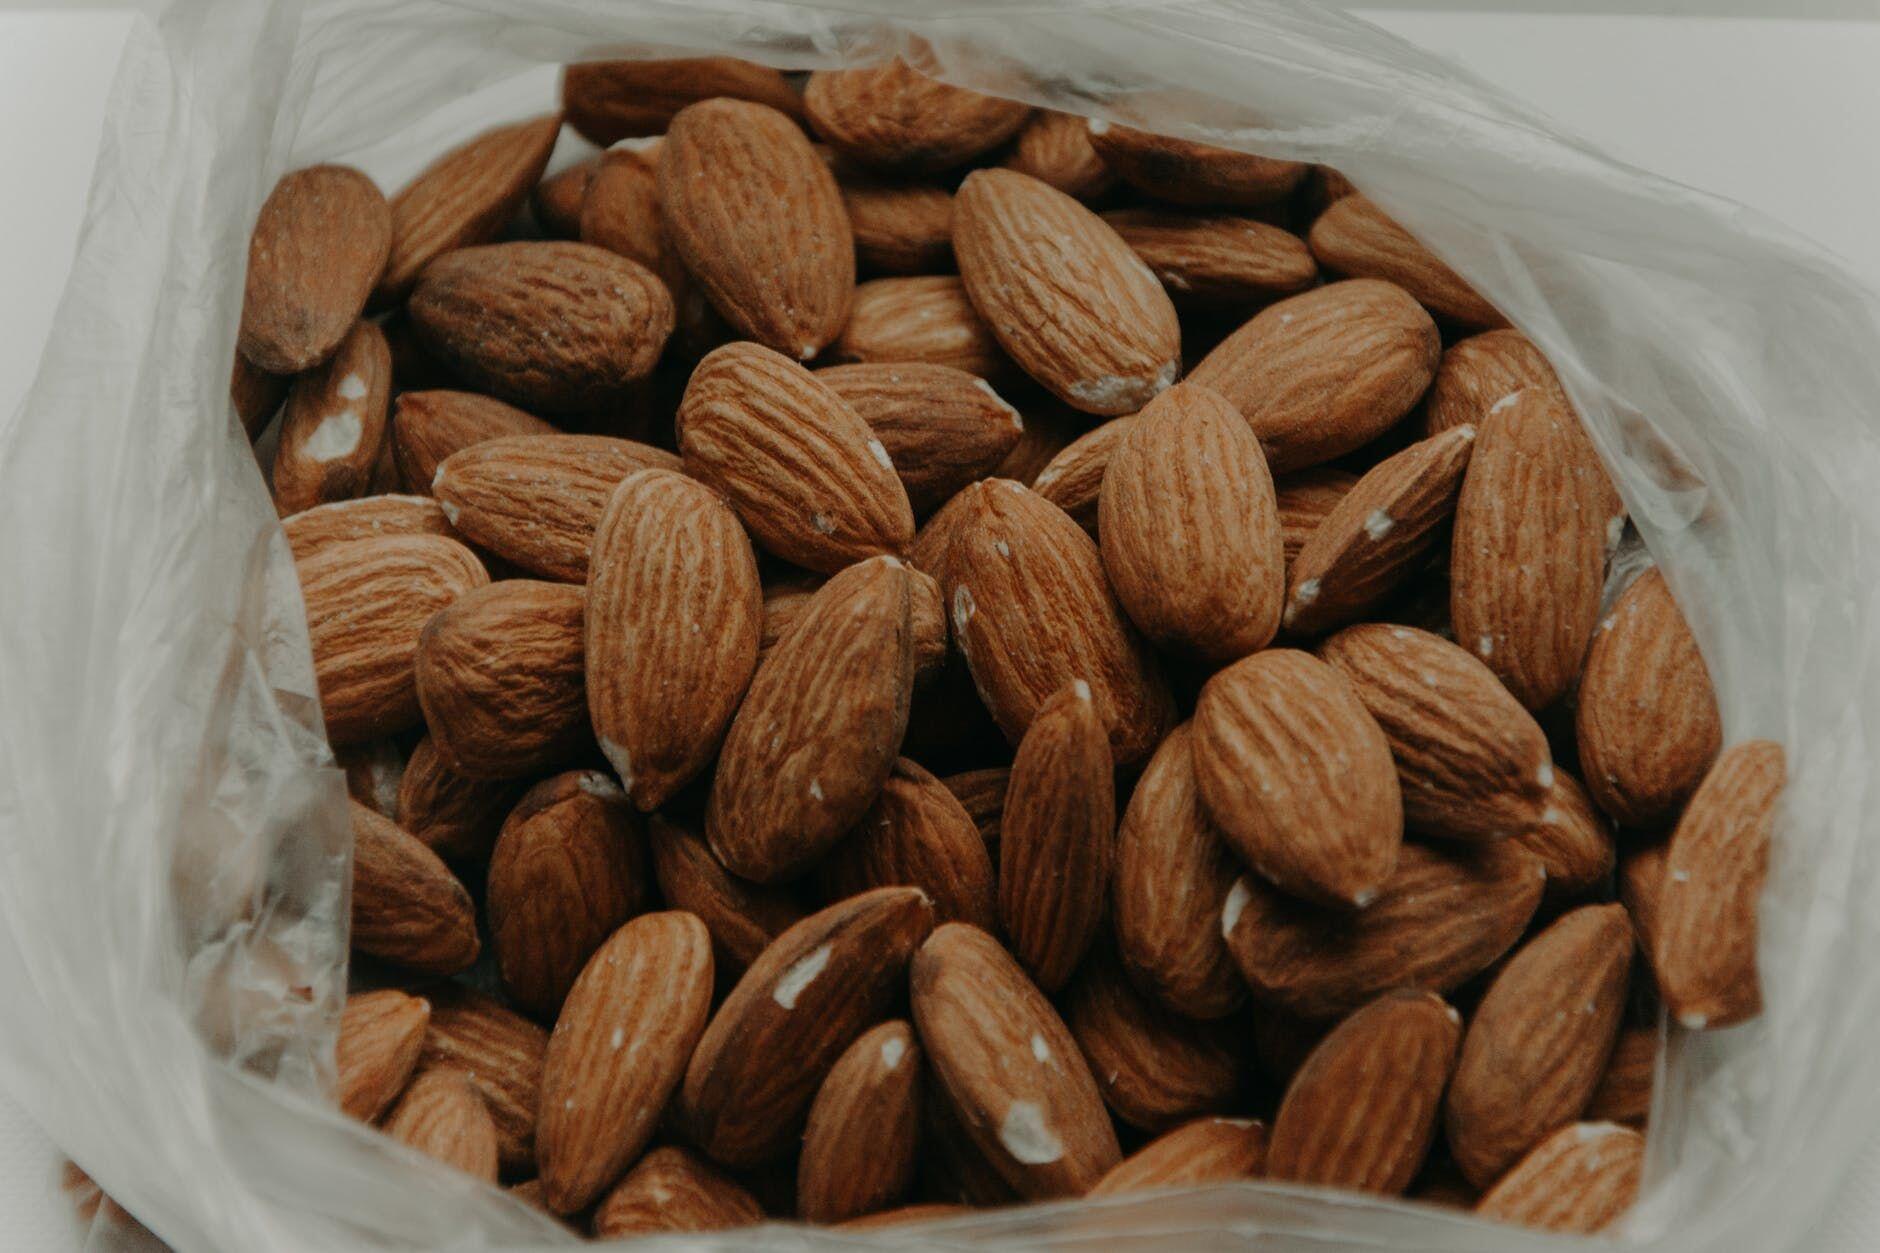 Penting, 11 Makanan Ini Baik untuk Kesehatan Jantung Lho